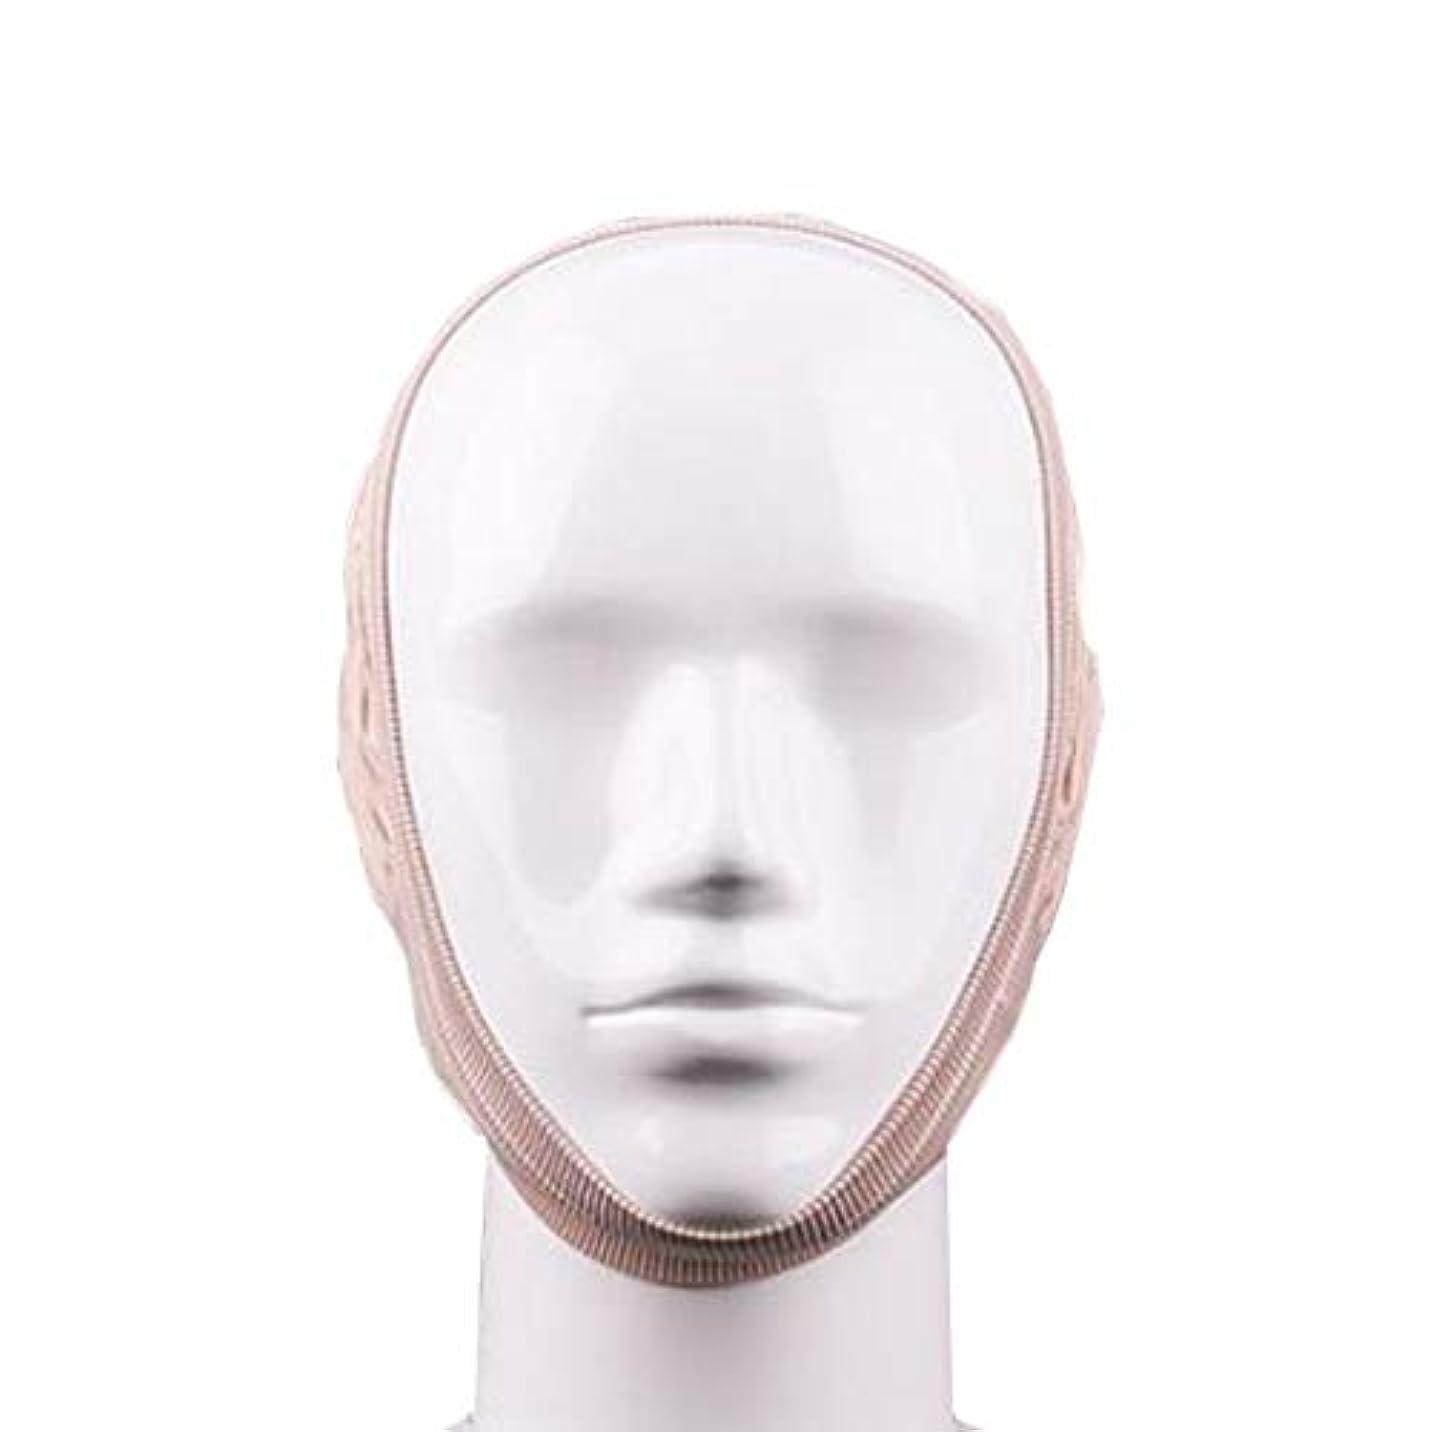 文字ビル松ZWBD フェイスマスク, 顔の包帯の形成を強化するための術後回復包帯リフティングシェイプマスクを刻むVフェイスアーティファクトスモールフェイスマスクライン (Color : B)